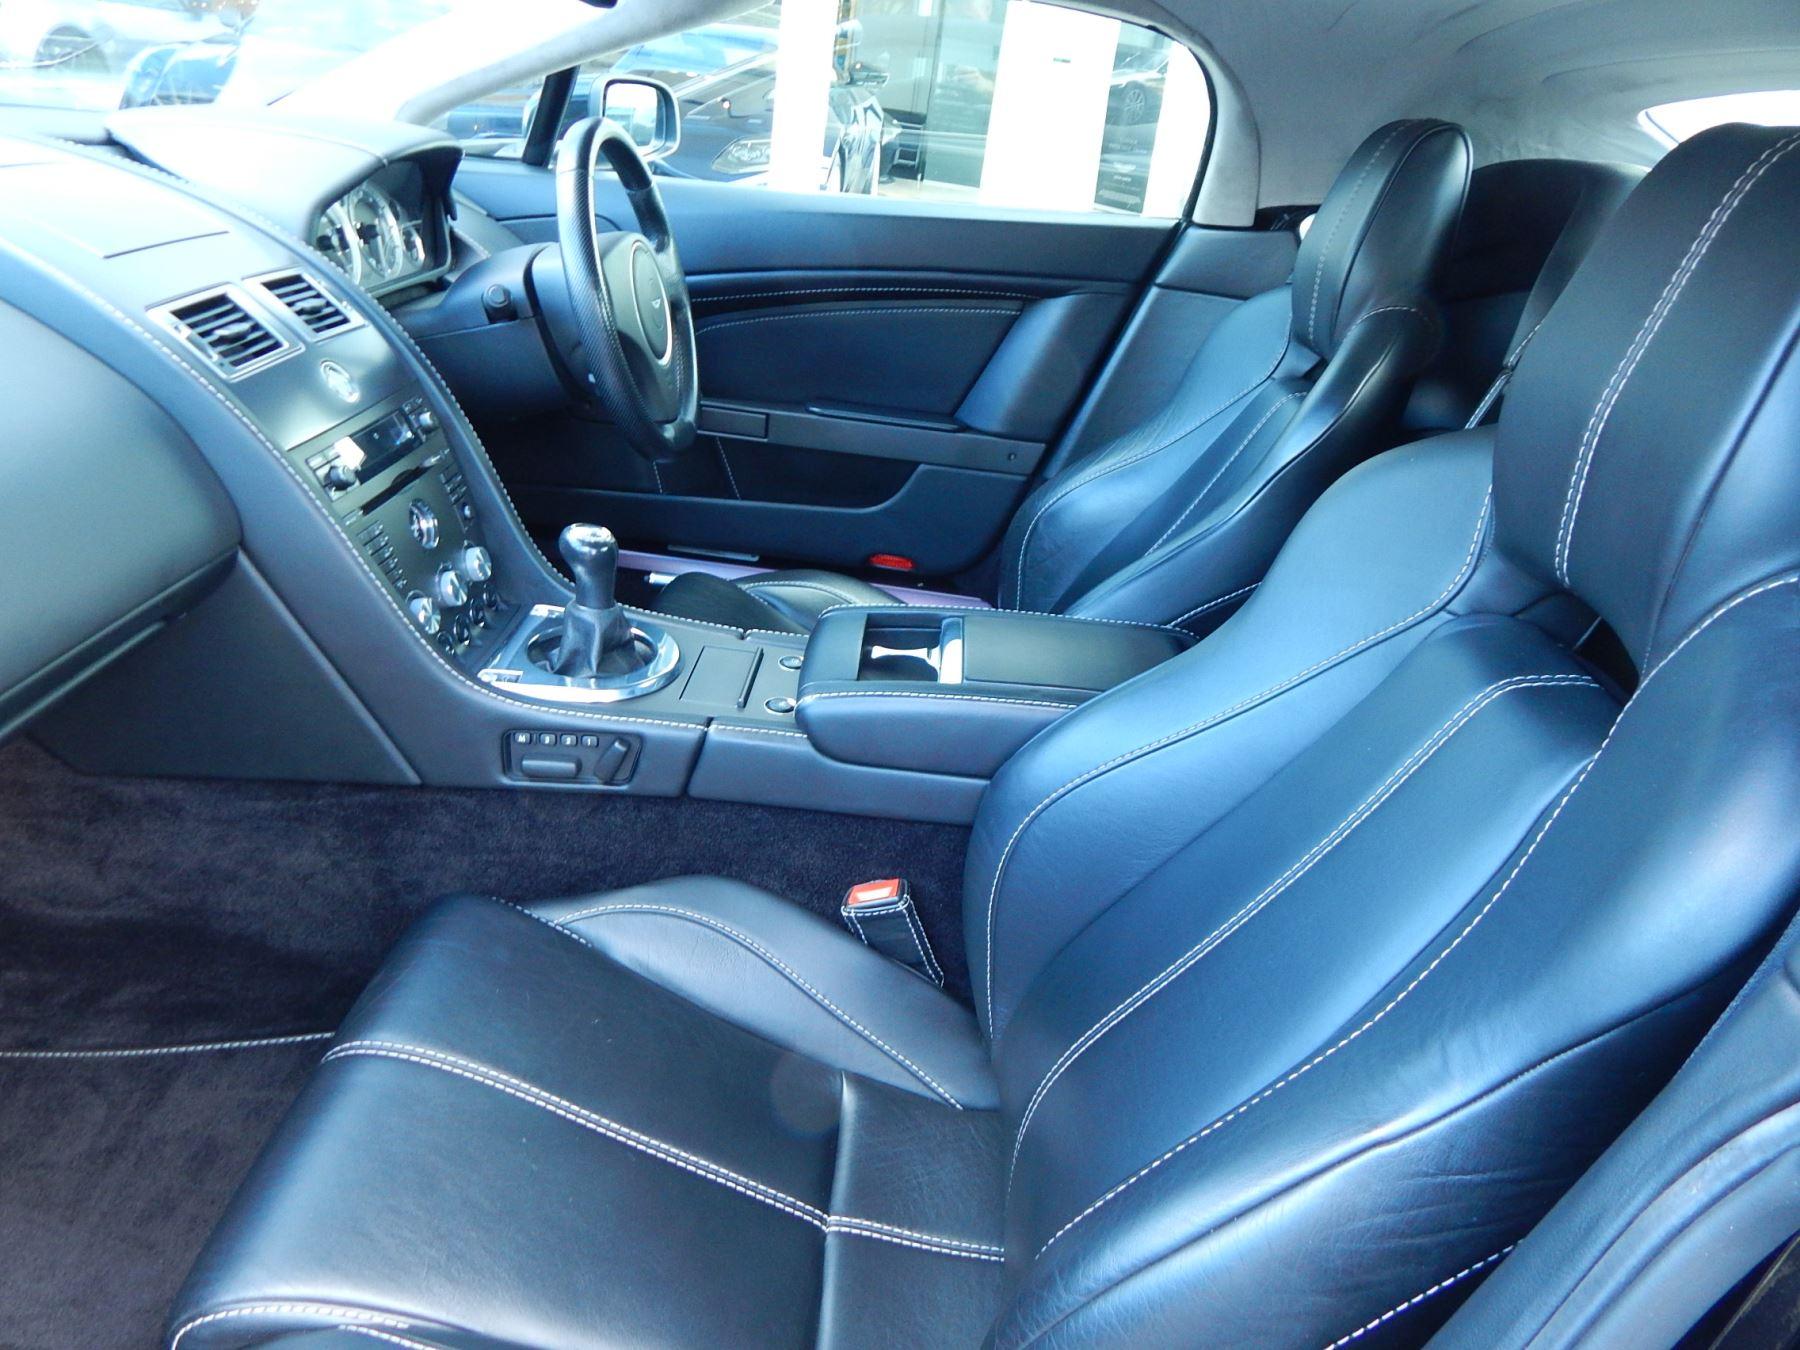 Aston Martin V8 Vantage Roadster 4.3 V8 Roadster image 9